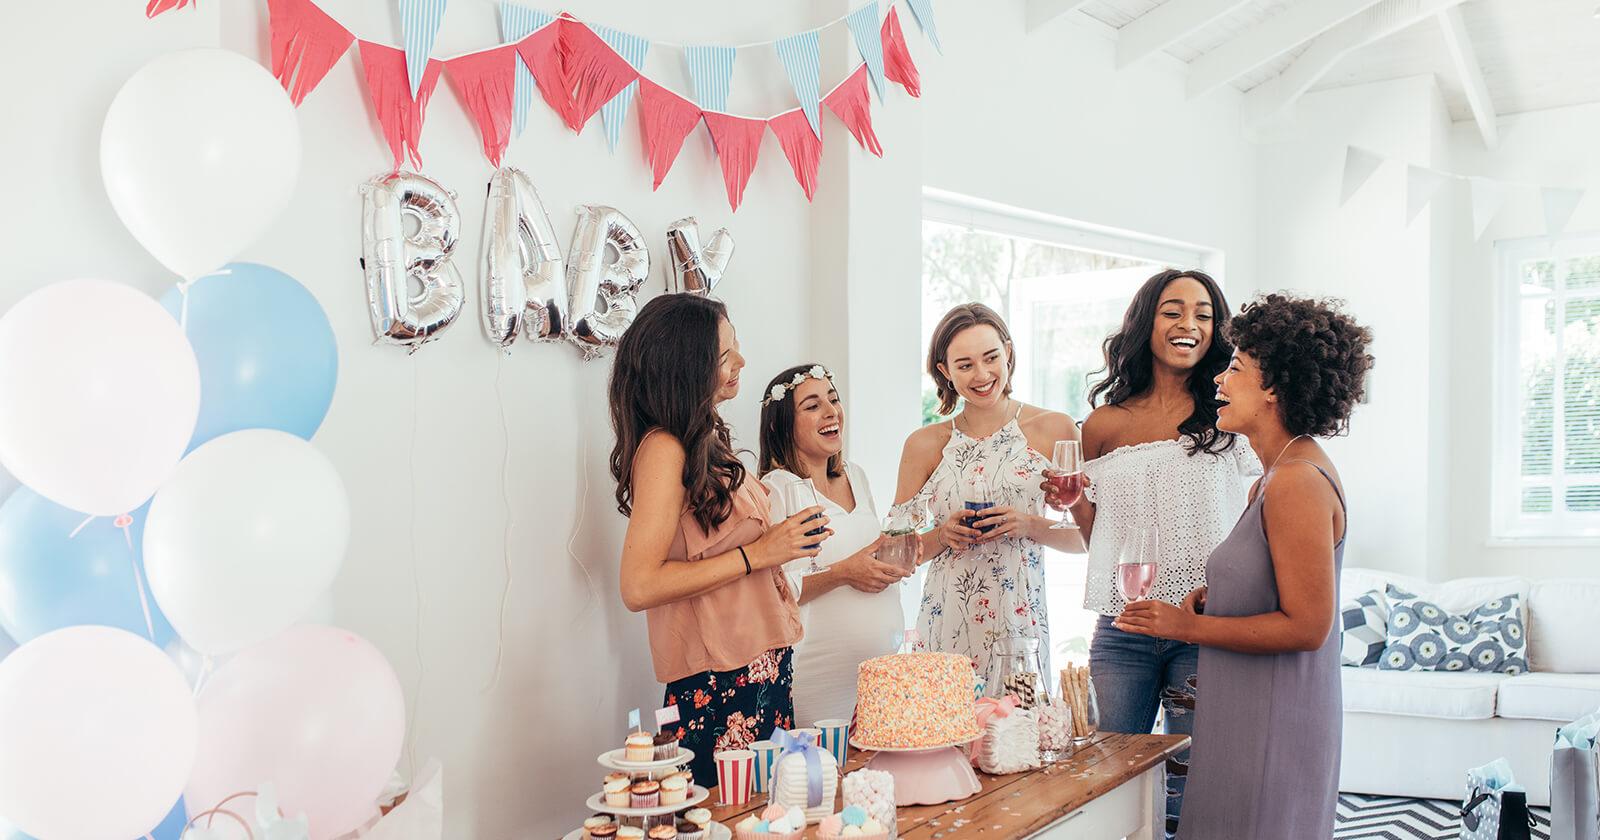 Freundinnen feiern eine Party, nachdem eine von ihnen ihre Schwangerschaft verkündet hat.